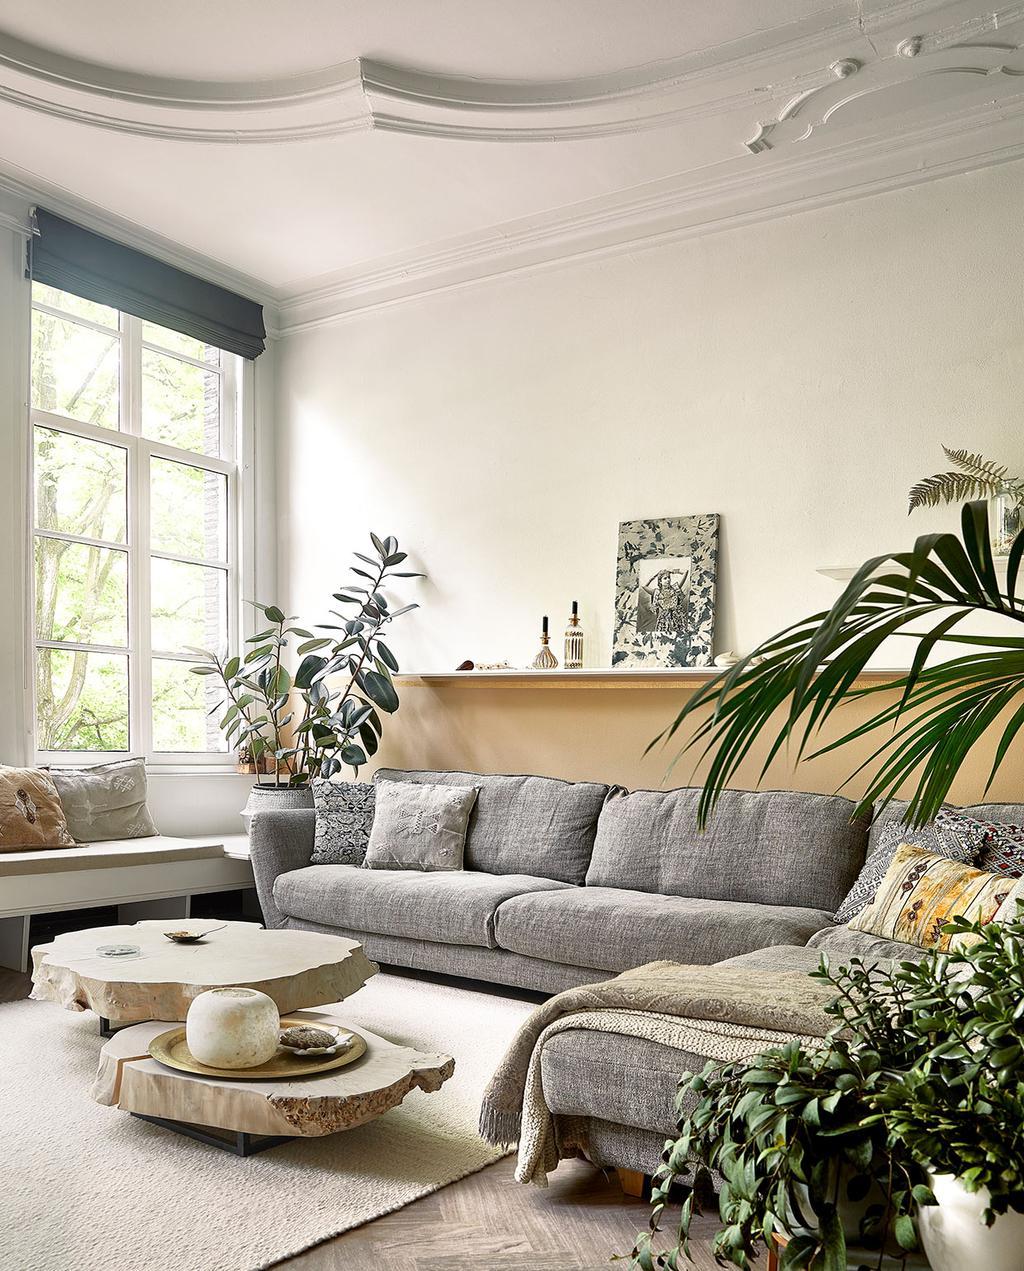 vtwonen 06-2021 | grijze bank in de woonkamer met een plafond met detail